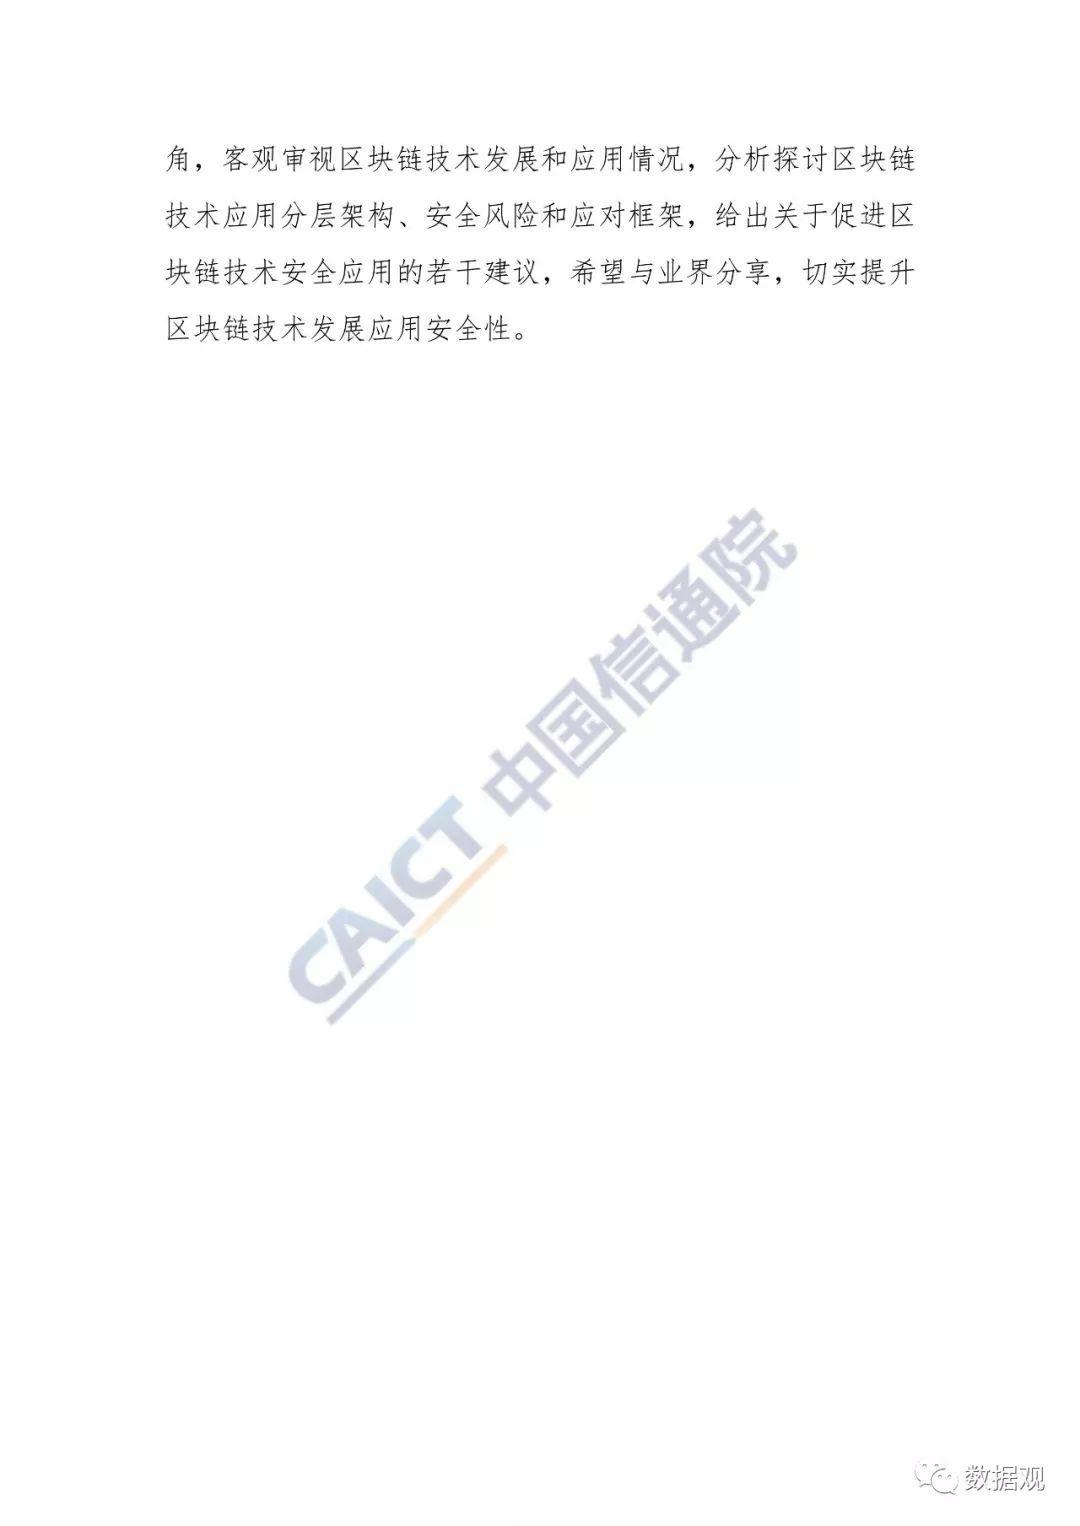 《区块链安全白皮书—技术应用篇(2018版)》发布(附全文)